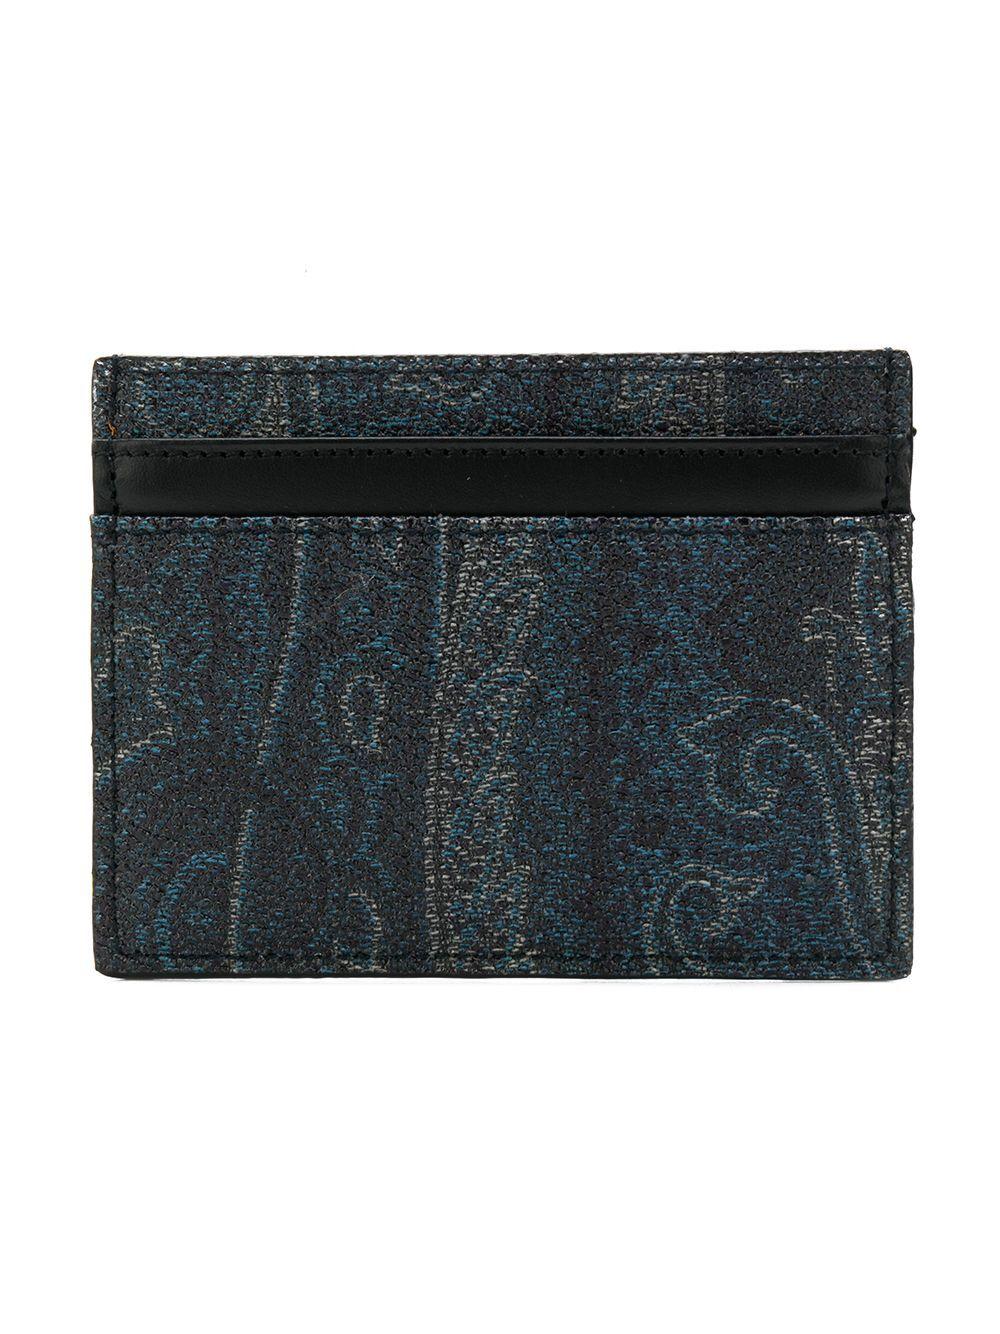 Etro portafogli blu - Etro